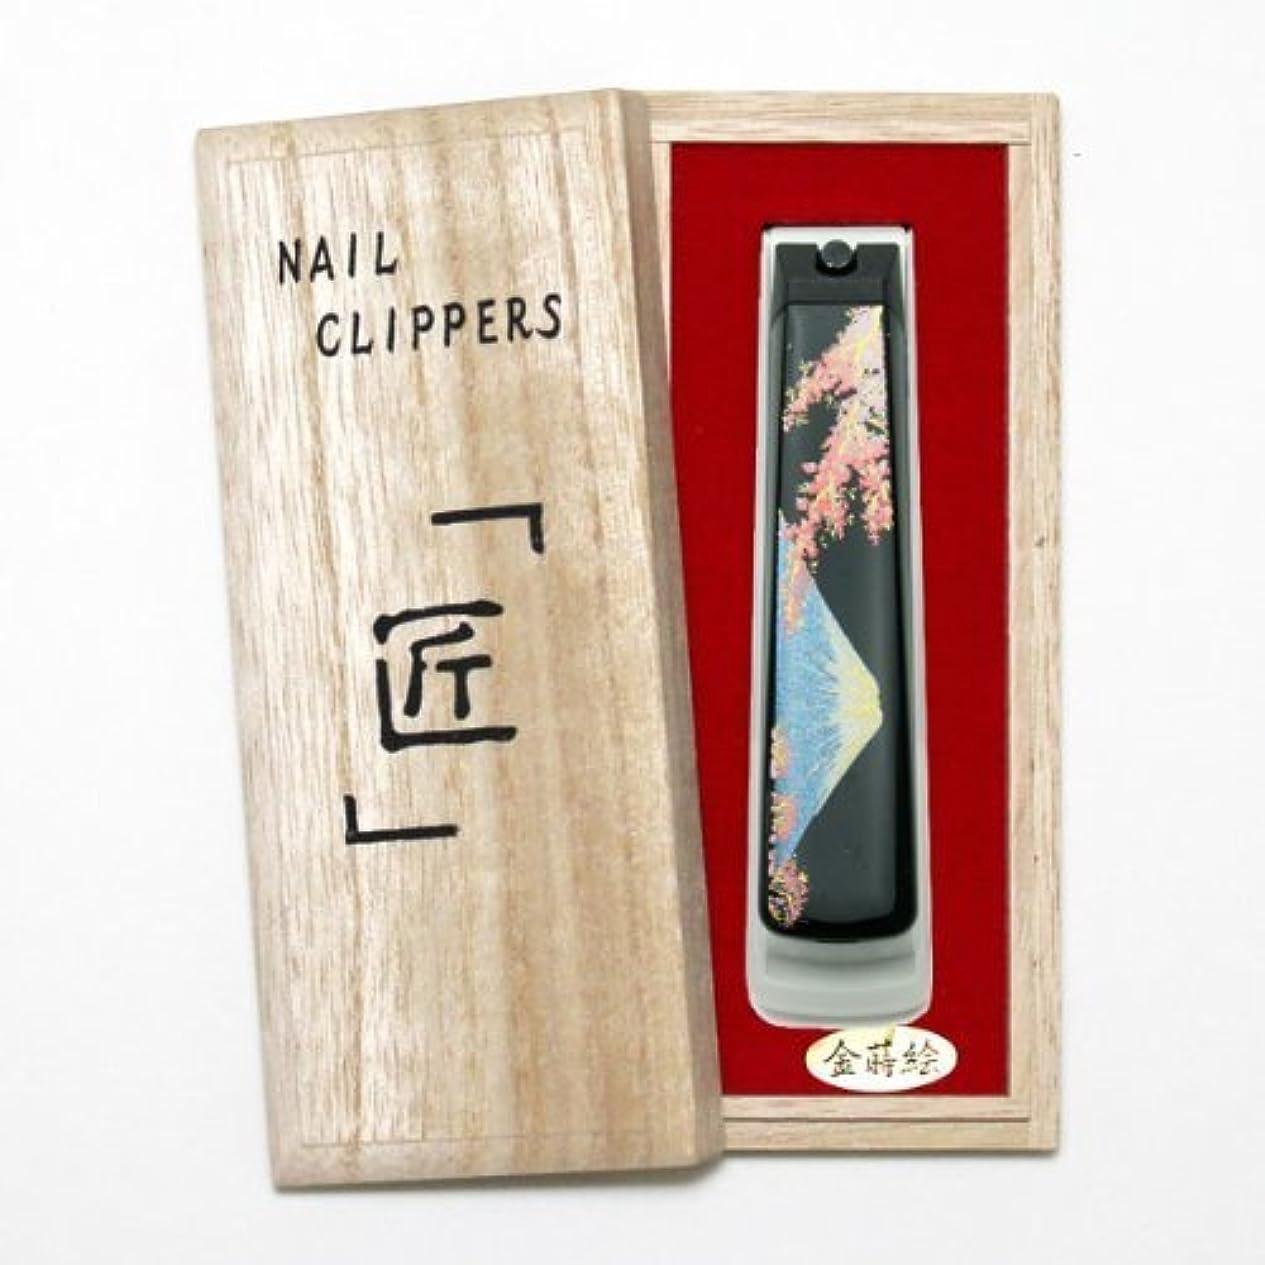 重要交じる隣接橋本漆芸 蒔絵爪切り 富士に桜 桐箱